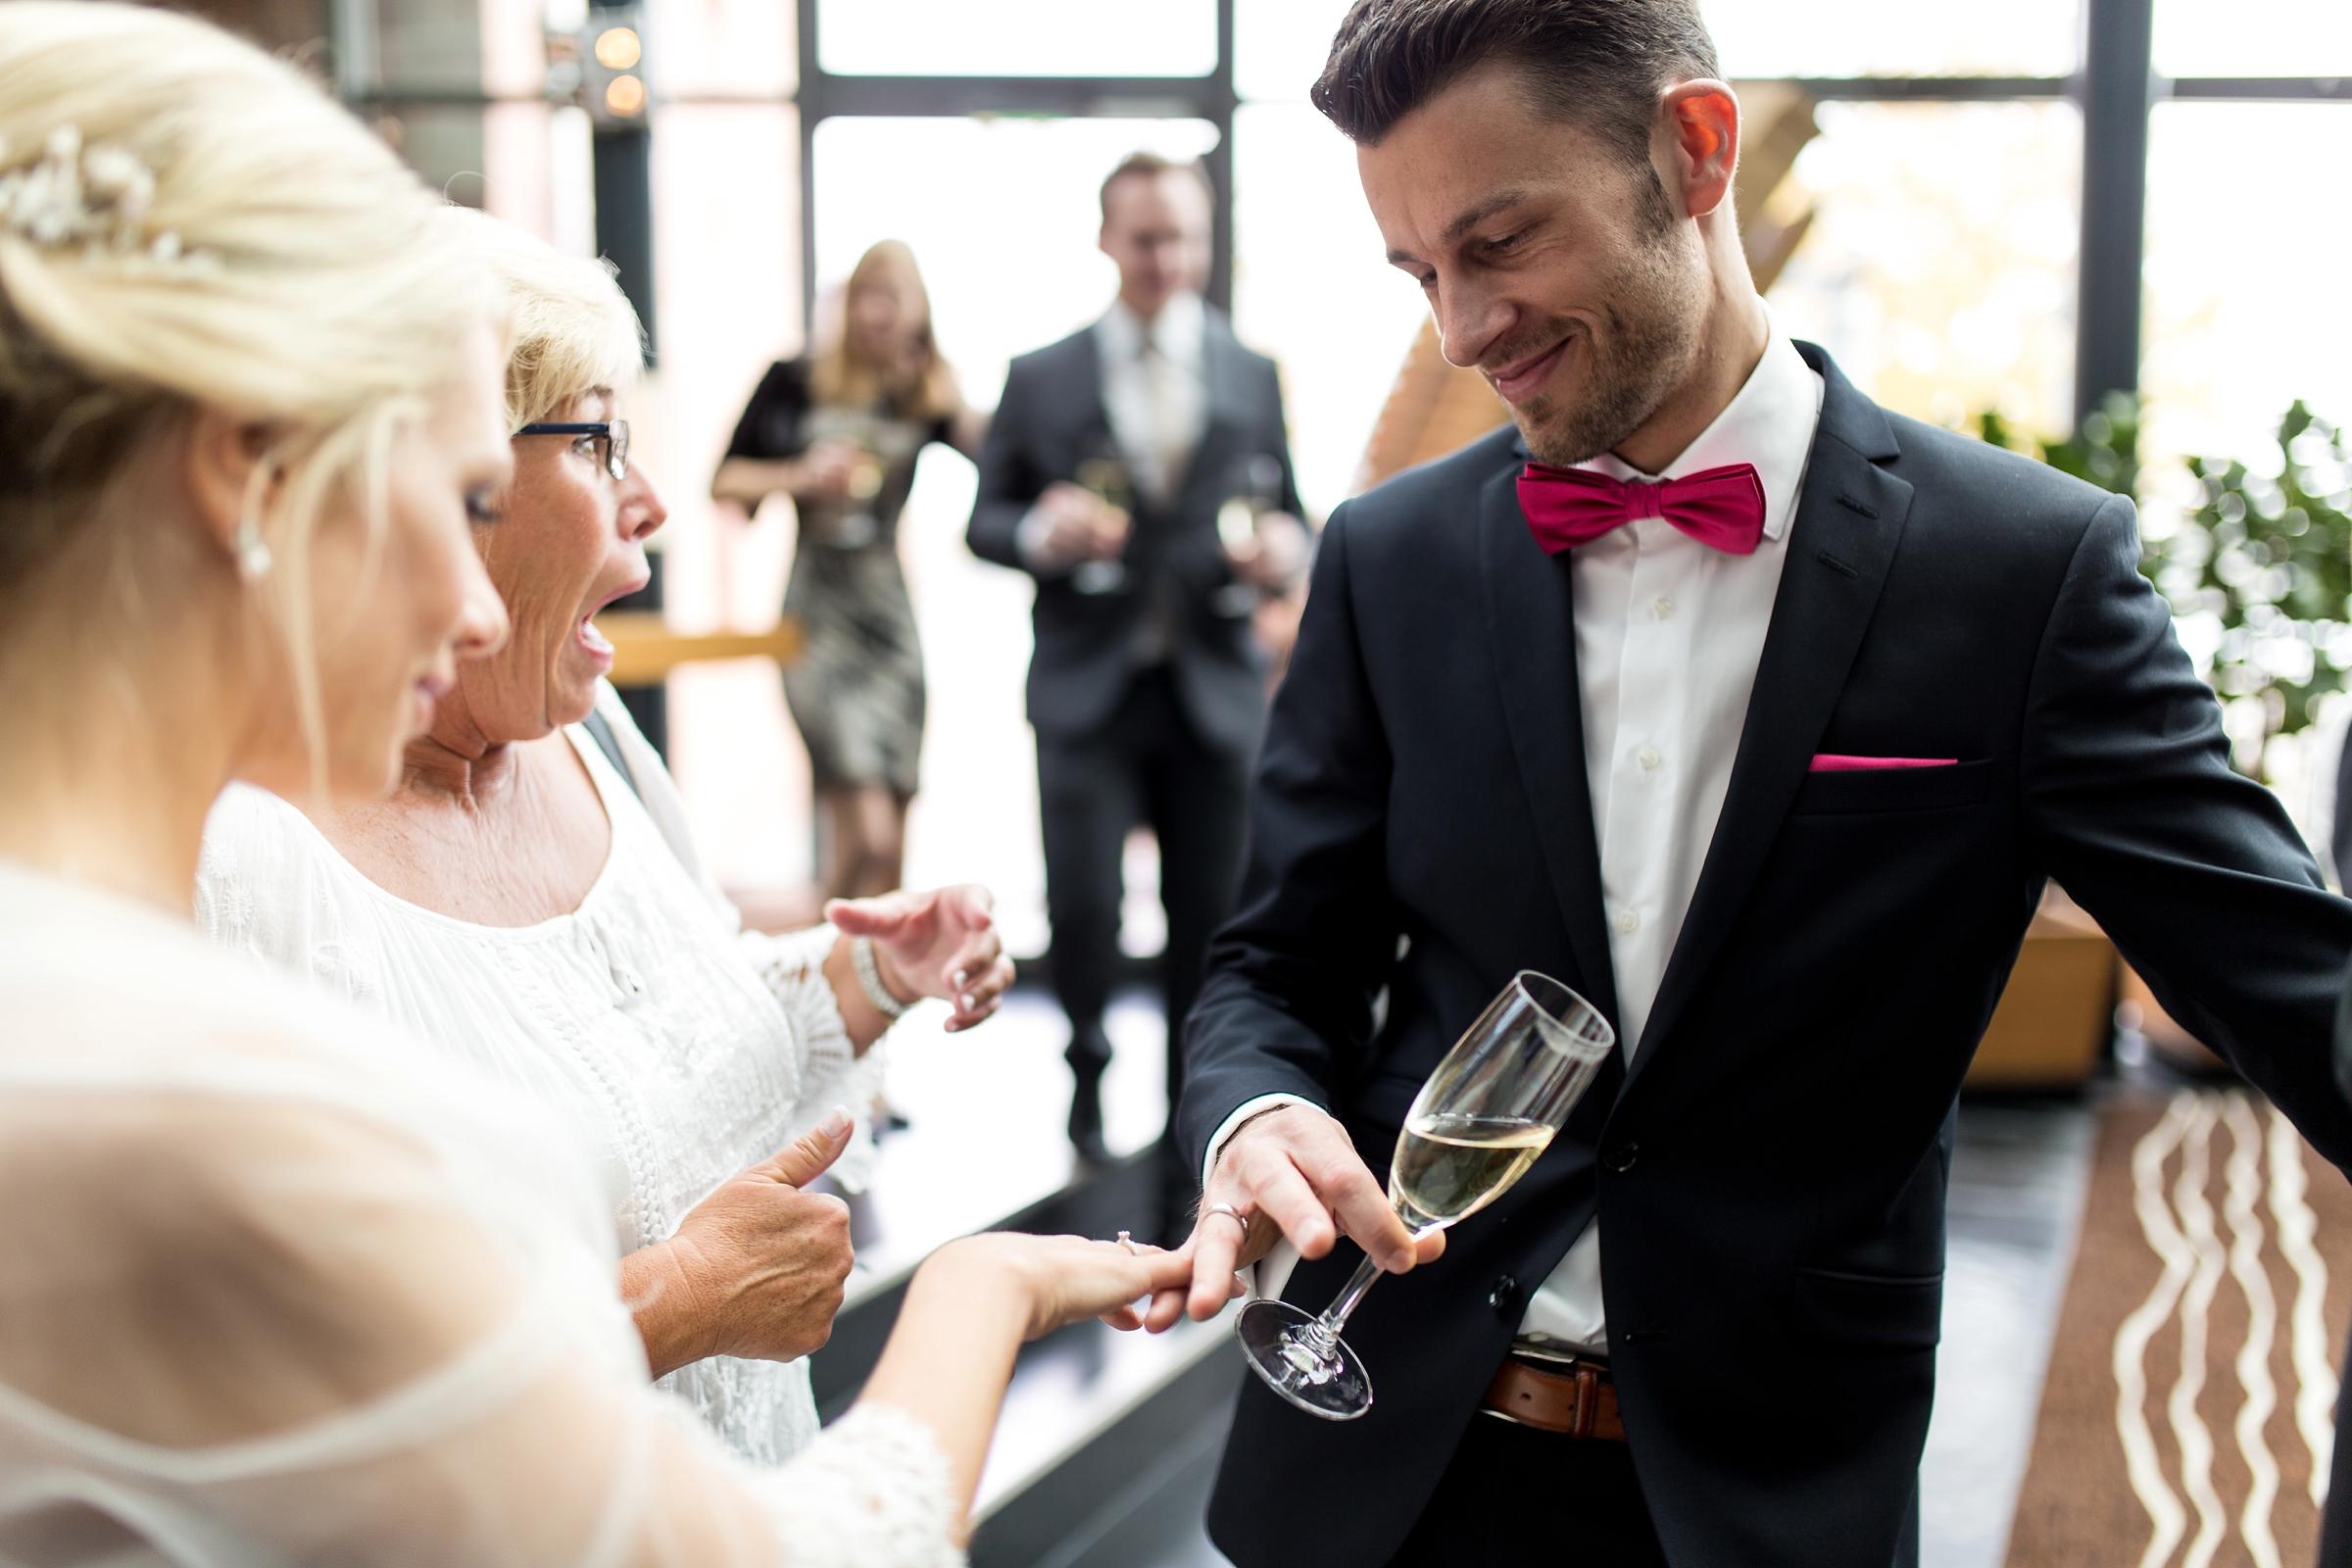 Hochzeitsreportage-Mainz-Hyatt-Hochzeitsringe-lustig